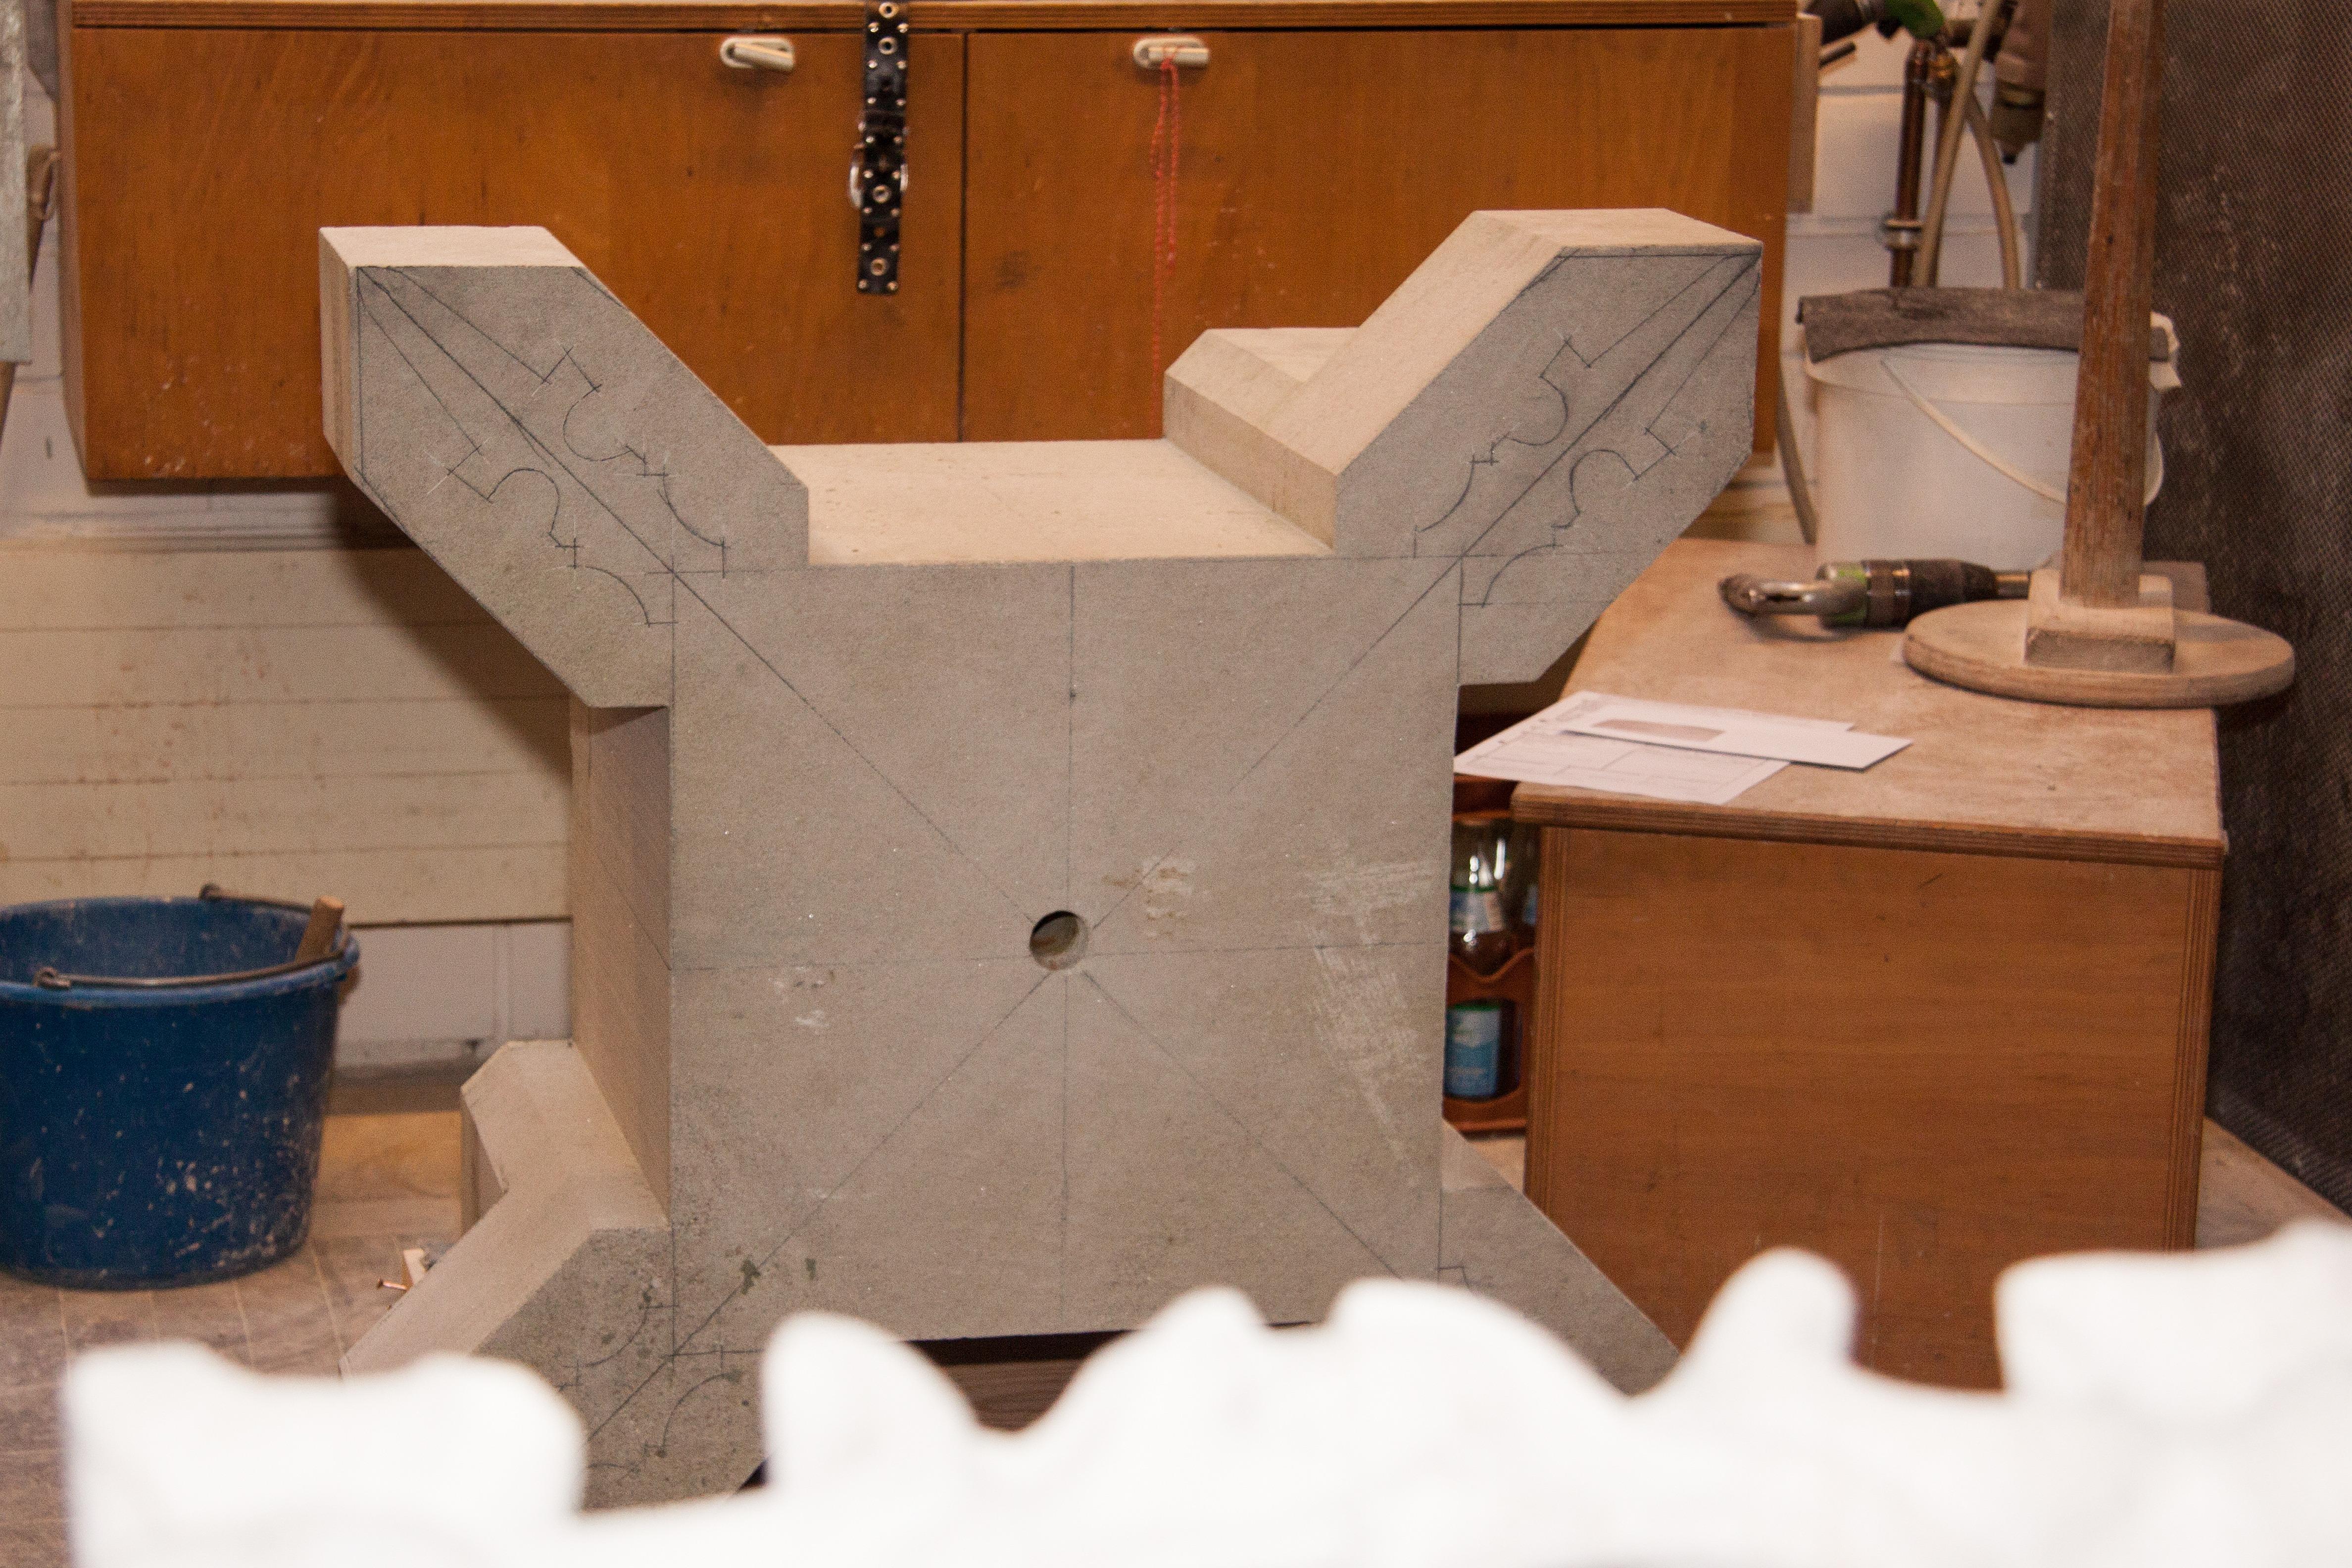 Fotos gratis : mesa, madera, casa, piedra, taller, profesión, mueble ...